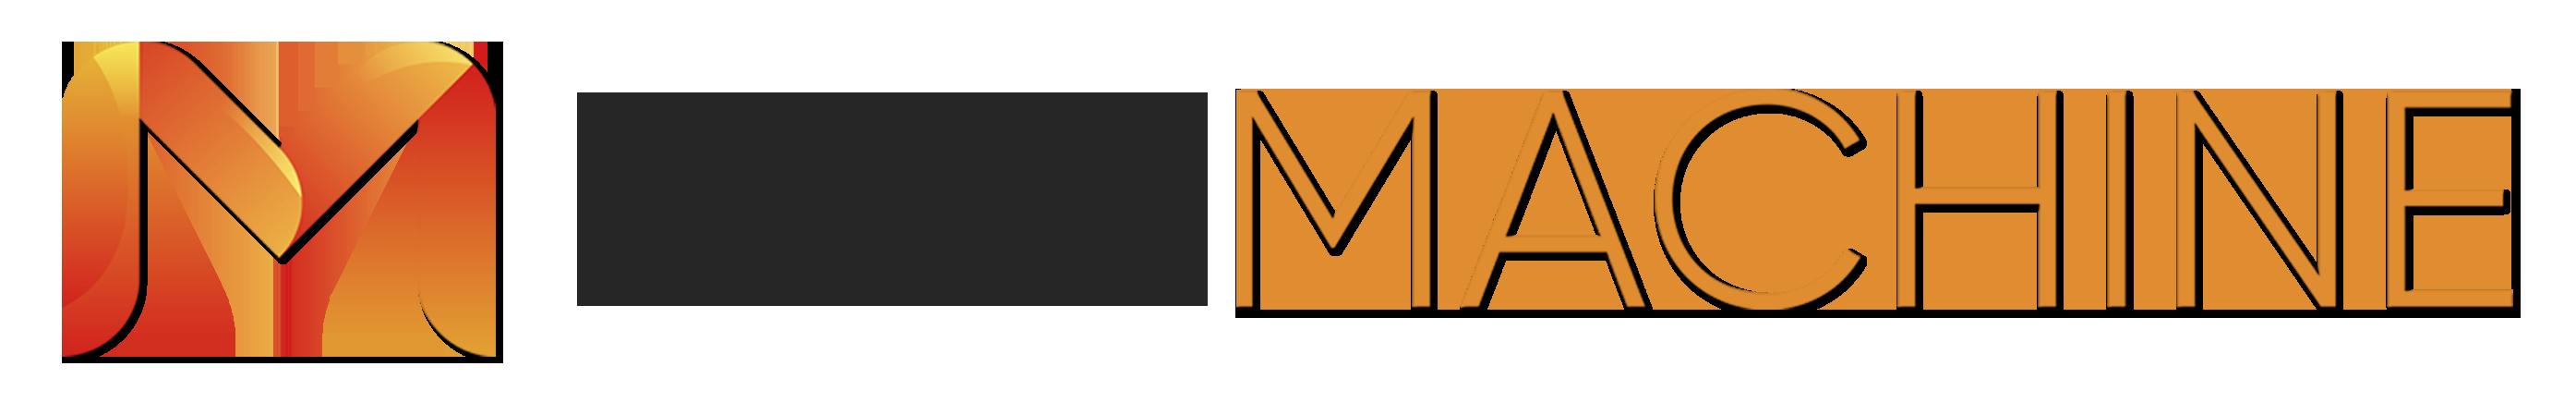 Max Machine